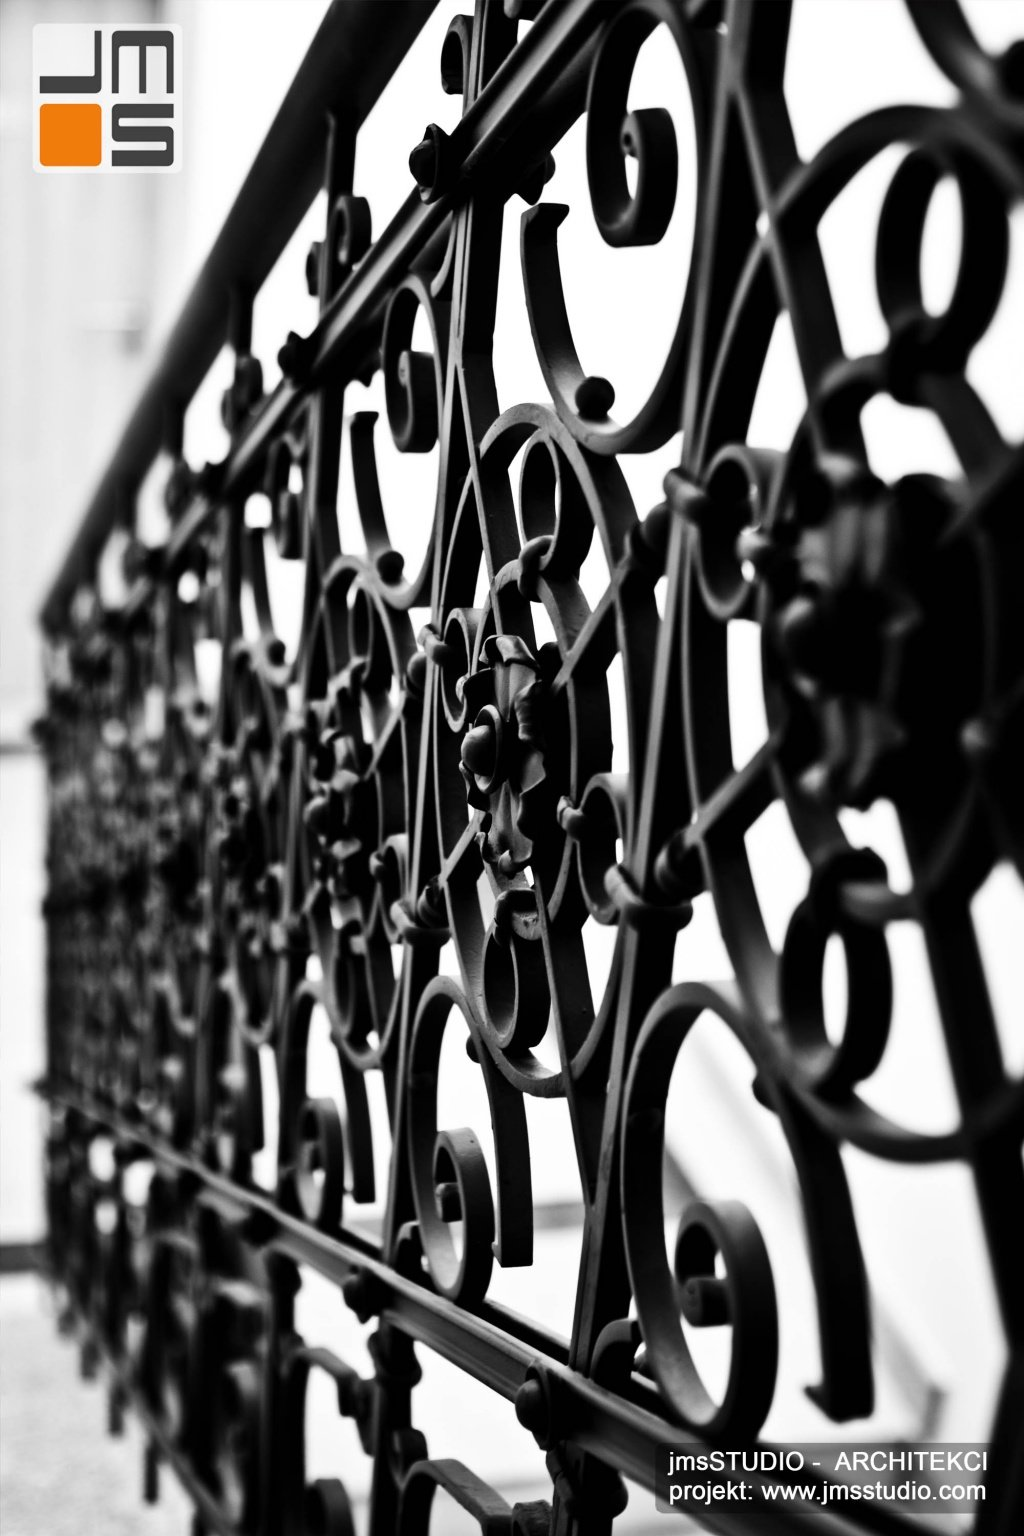 Projekt wnętrz hotelu w kamienicy w Krakowie - zdjęciaz realizacji projektu wnętrz hotelu